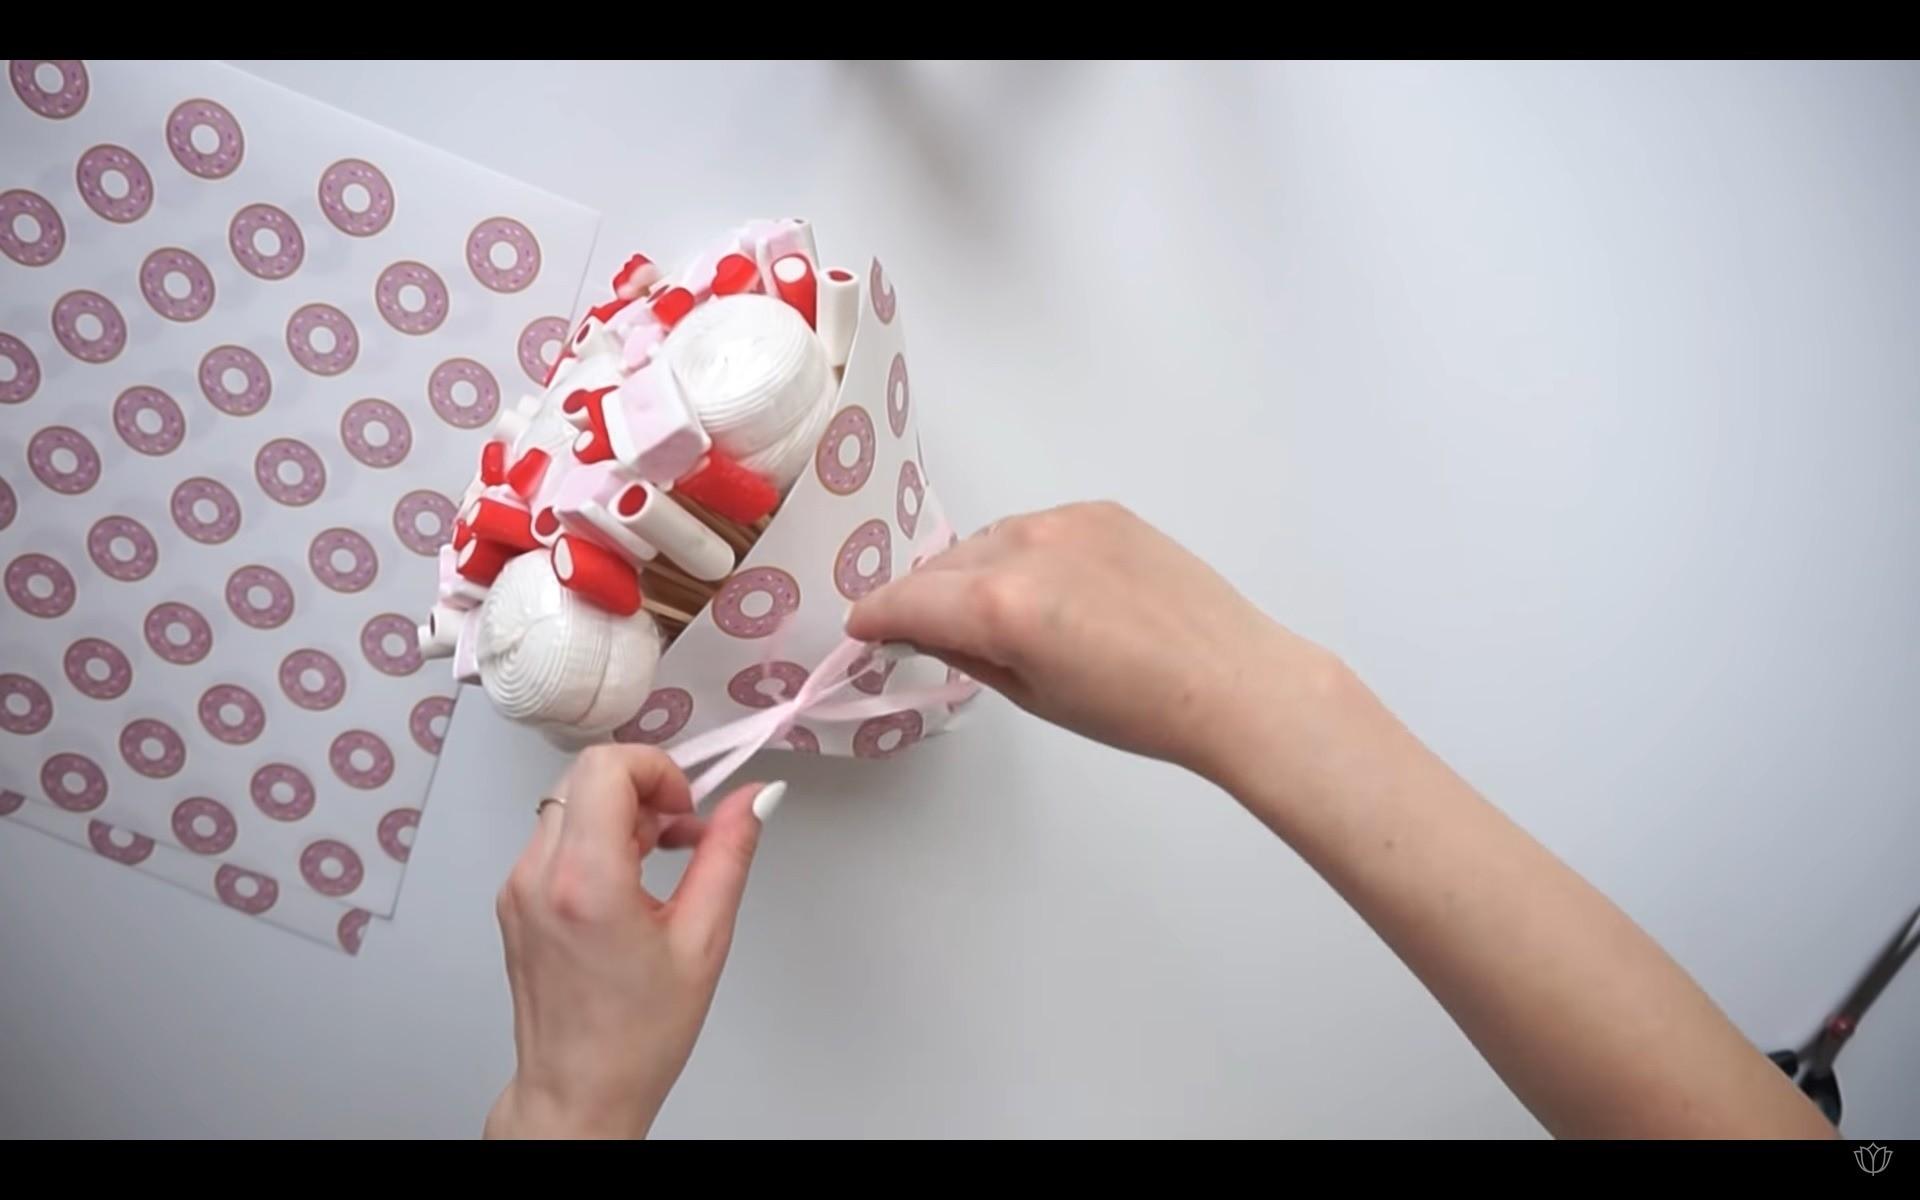 Аккуратно придай бумаге необходимую форму букета изафиксируй первый слой обертки припомощи ленты.